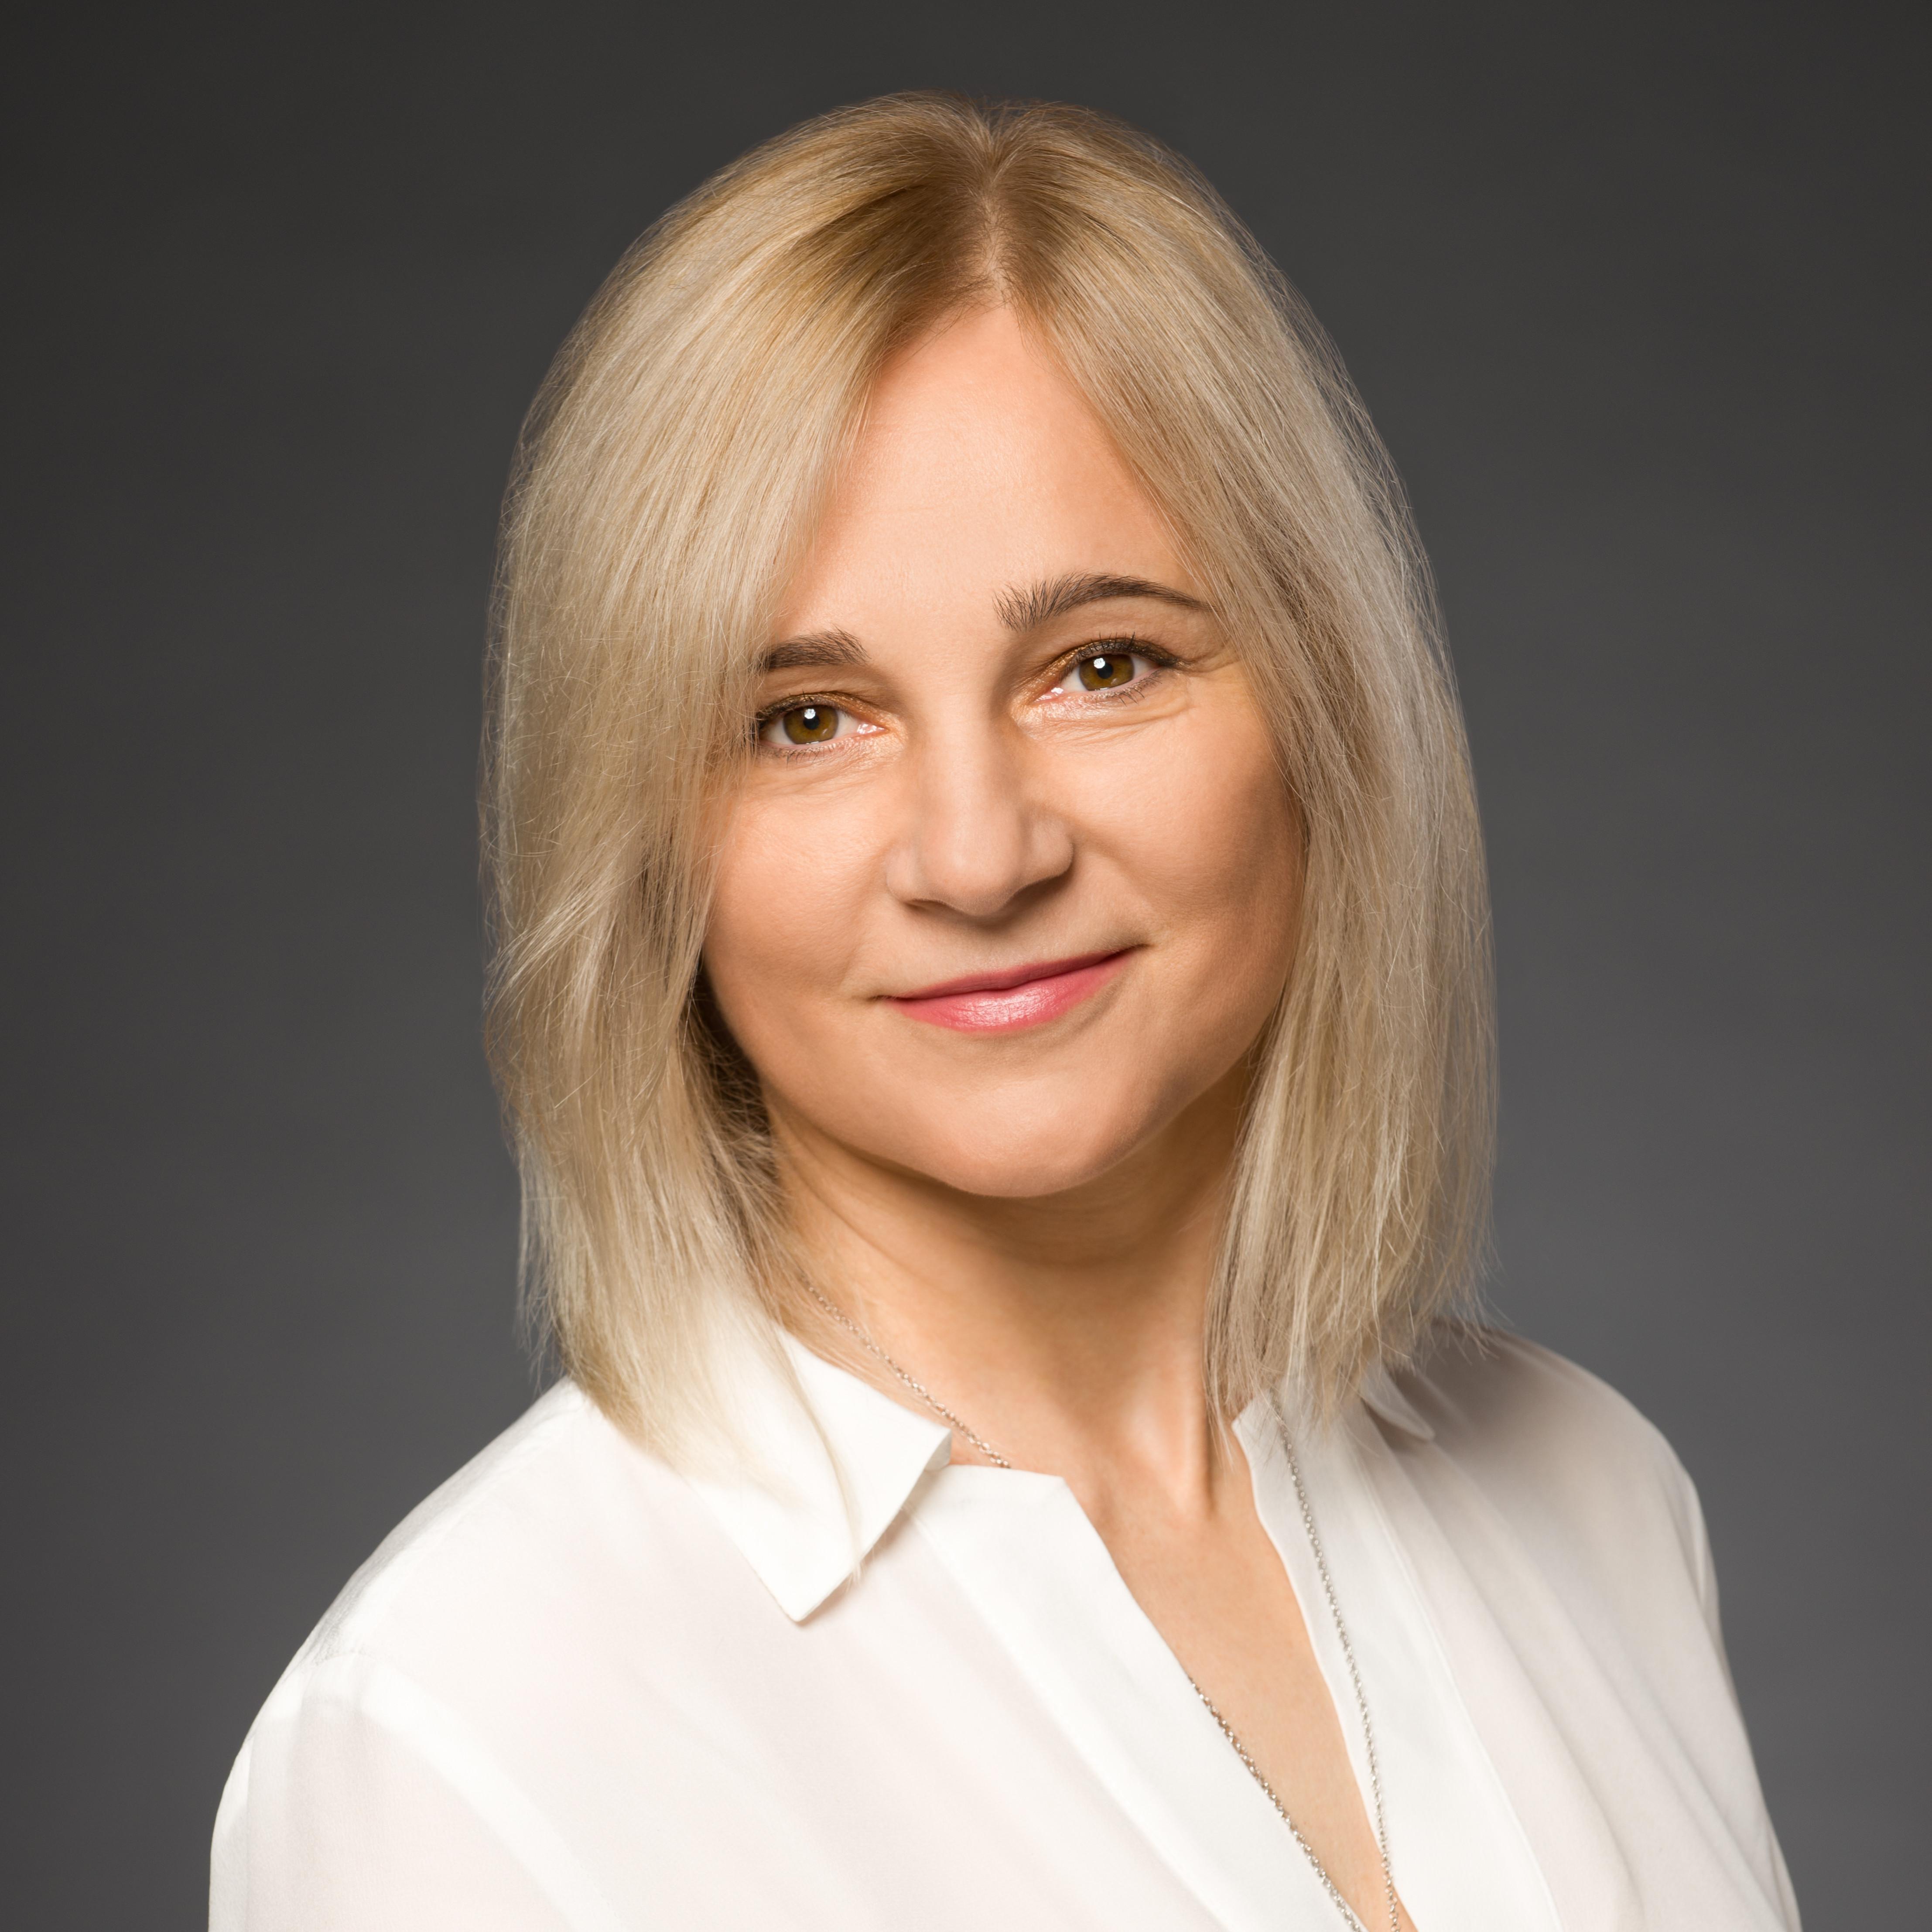 konsultacja dr Małgorzata Wojnarowska